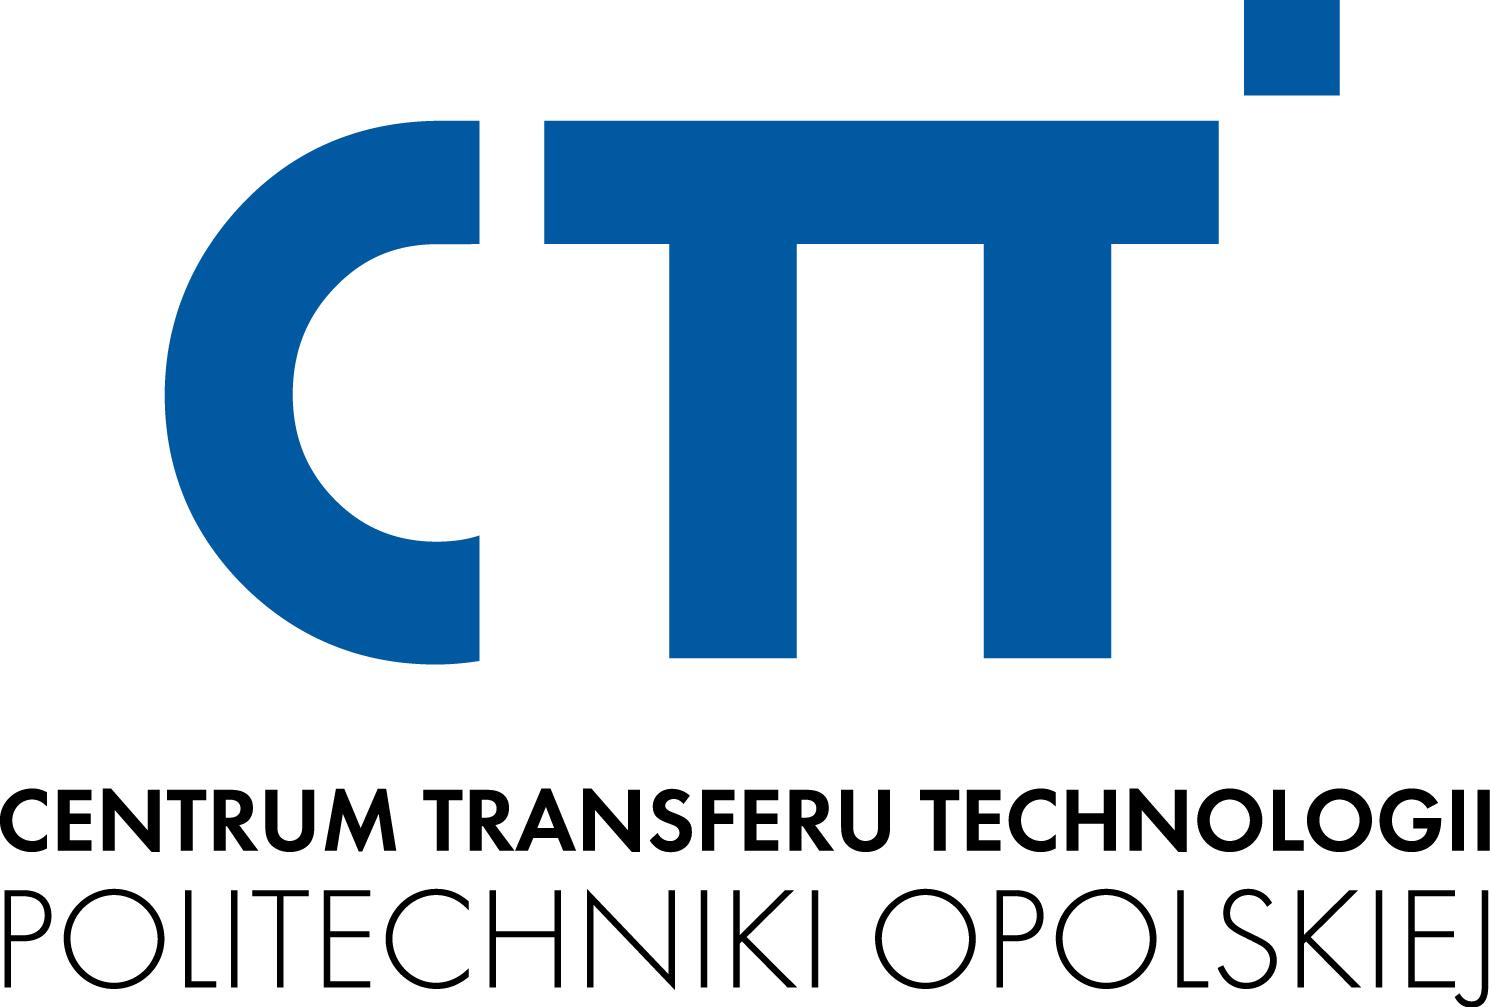 Centrum Transferu Technologii Politechniki Opolskiej